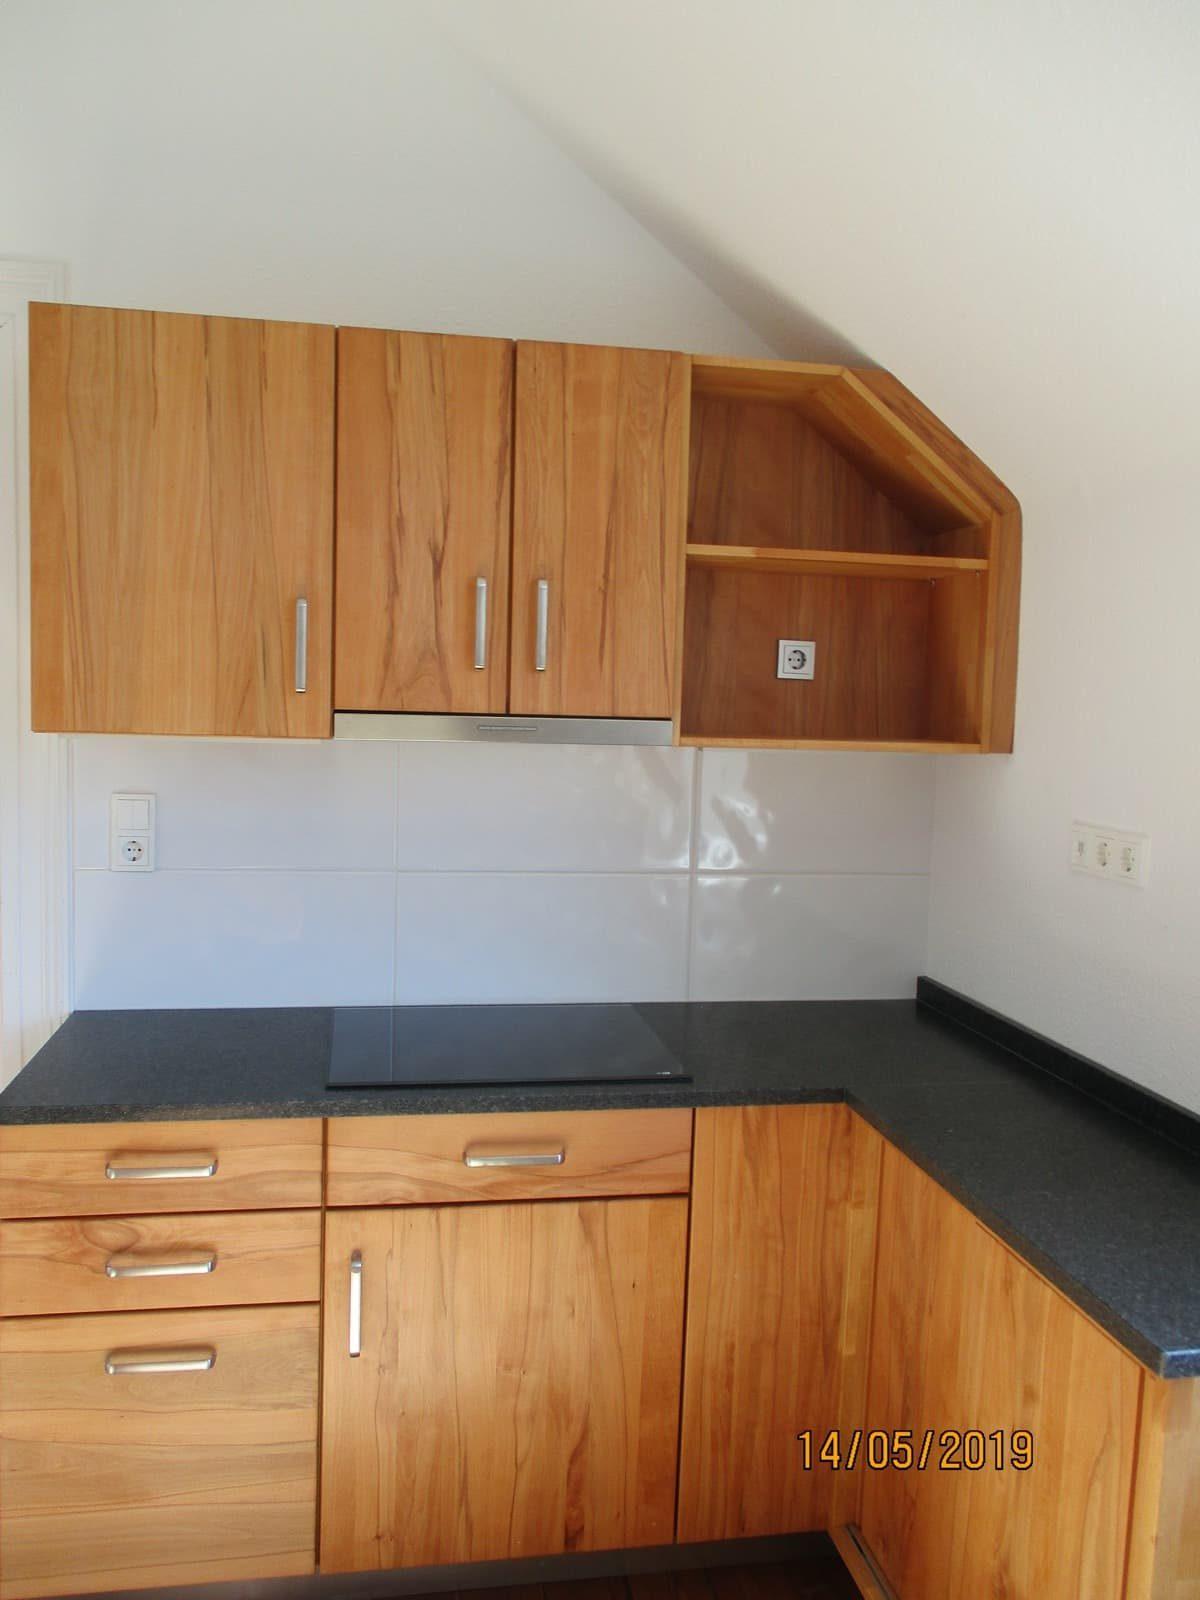 Auch die kleinste Küche funktional, praktisch und wohnlich